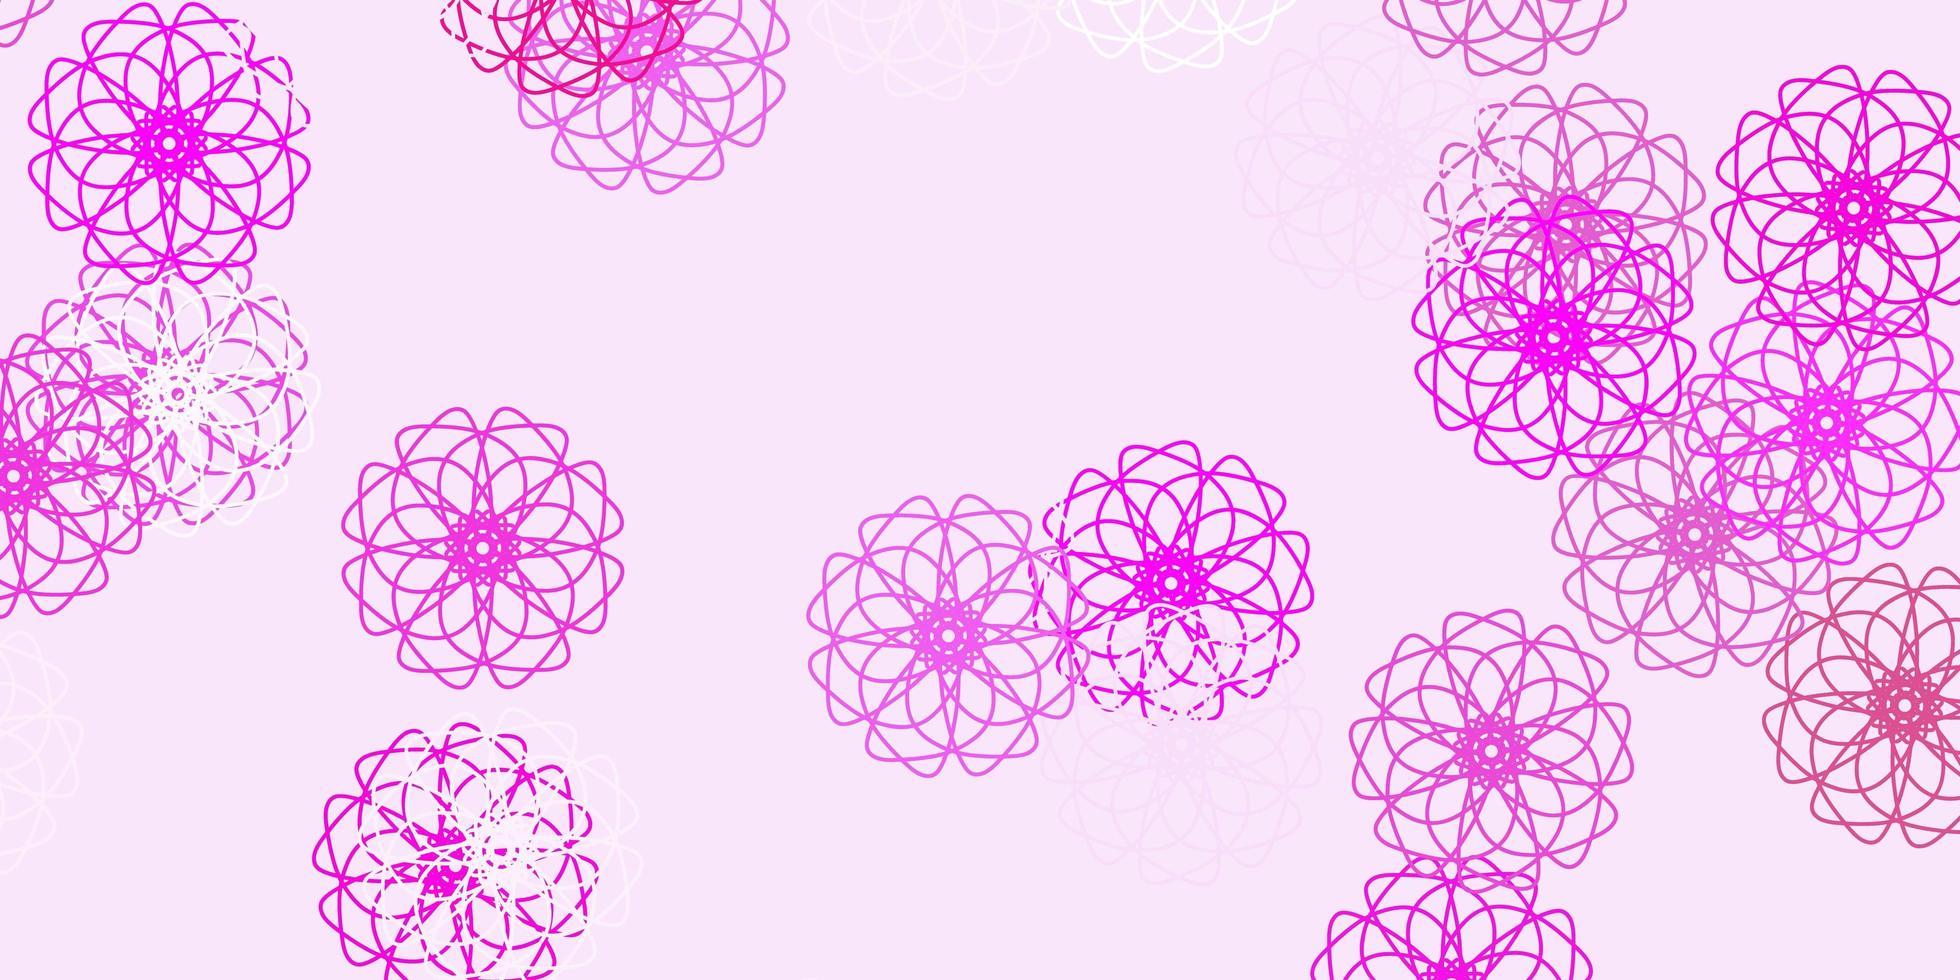 diseño natural de vector rosa claro con flores.